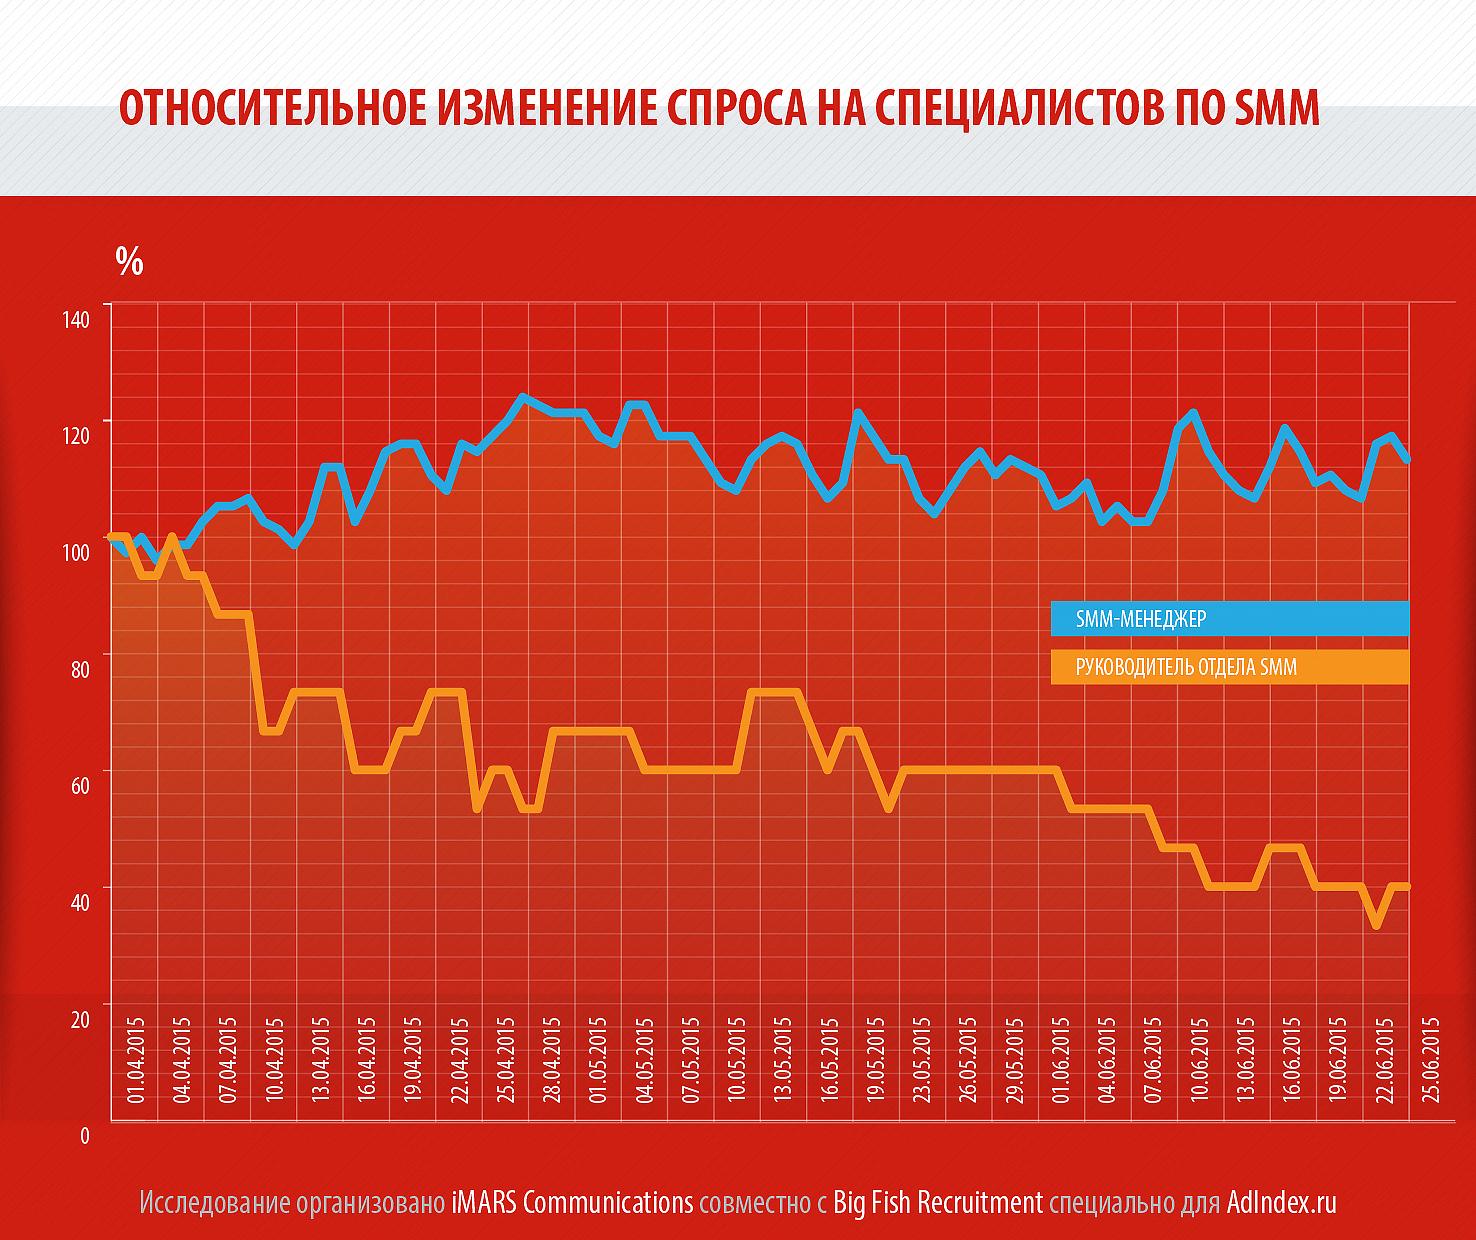 Зарплата и спрос на специалистов рекламы и маркетинга